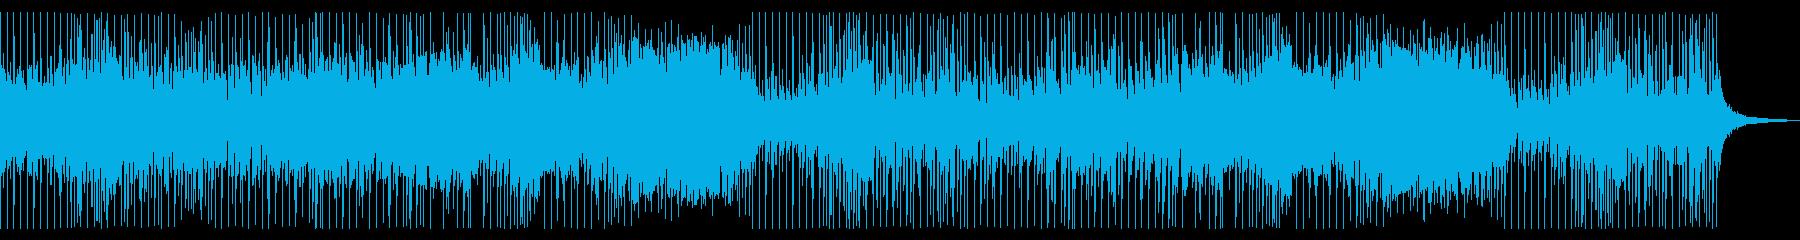 乙女ゲーbgmの再生済みの波形